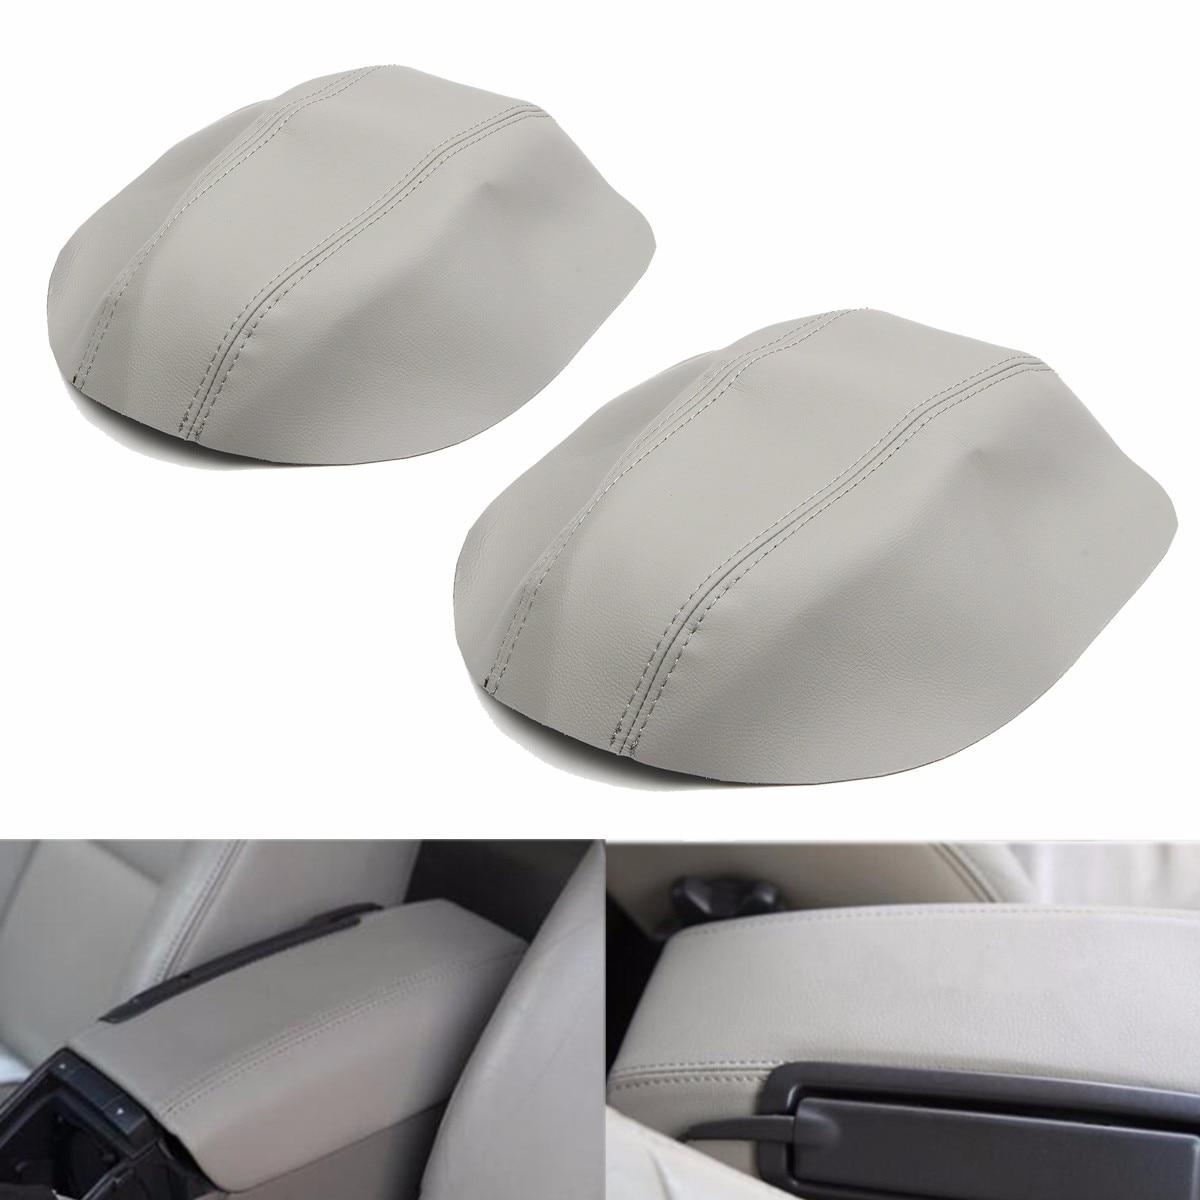 Cuero gris coche apoyabrazos de la consola central para Volvo S80 1999-2006 Auto Car reemplazo Interior apoyabrazos partes